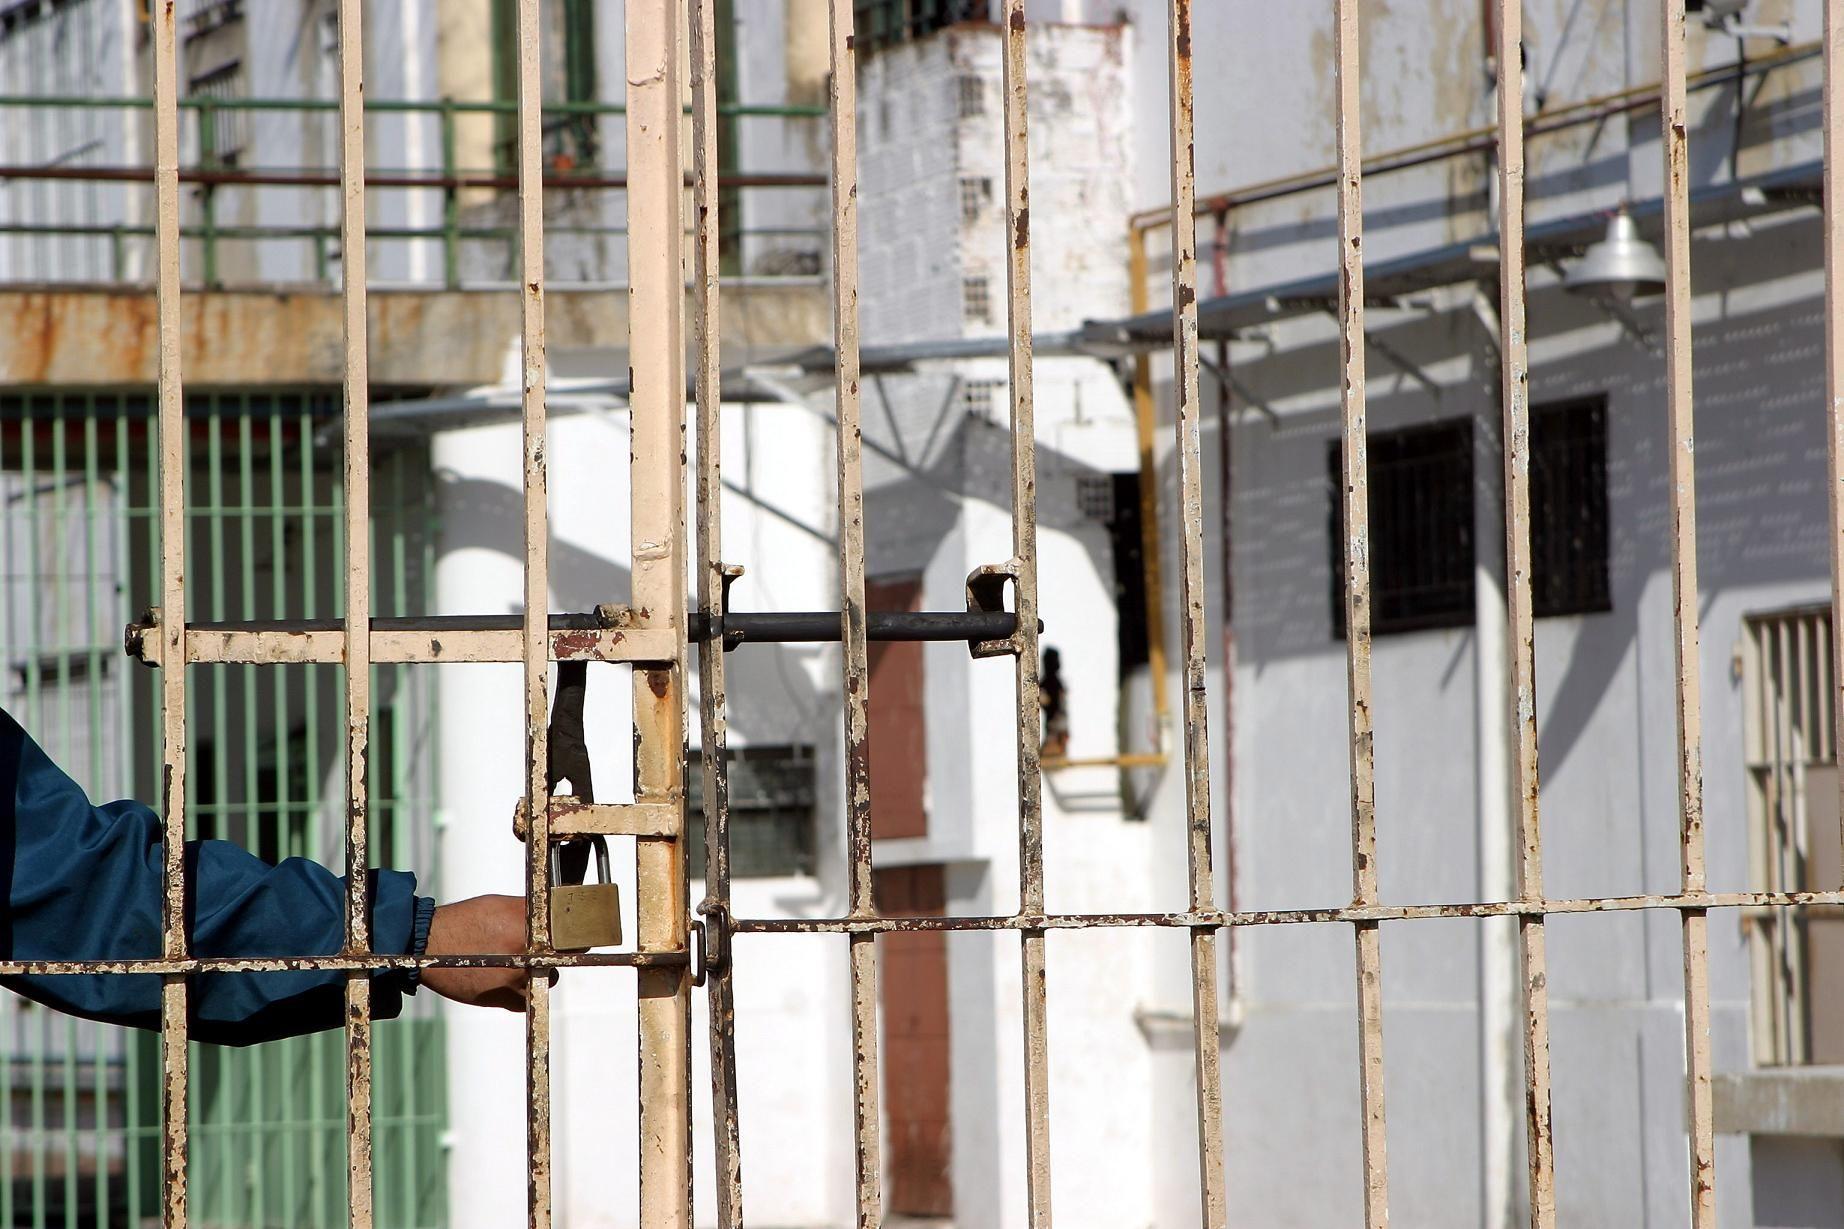 El futbolista Luciano Cabral contó cómo se vive en la cárcel